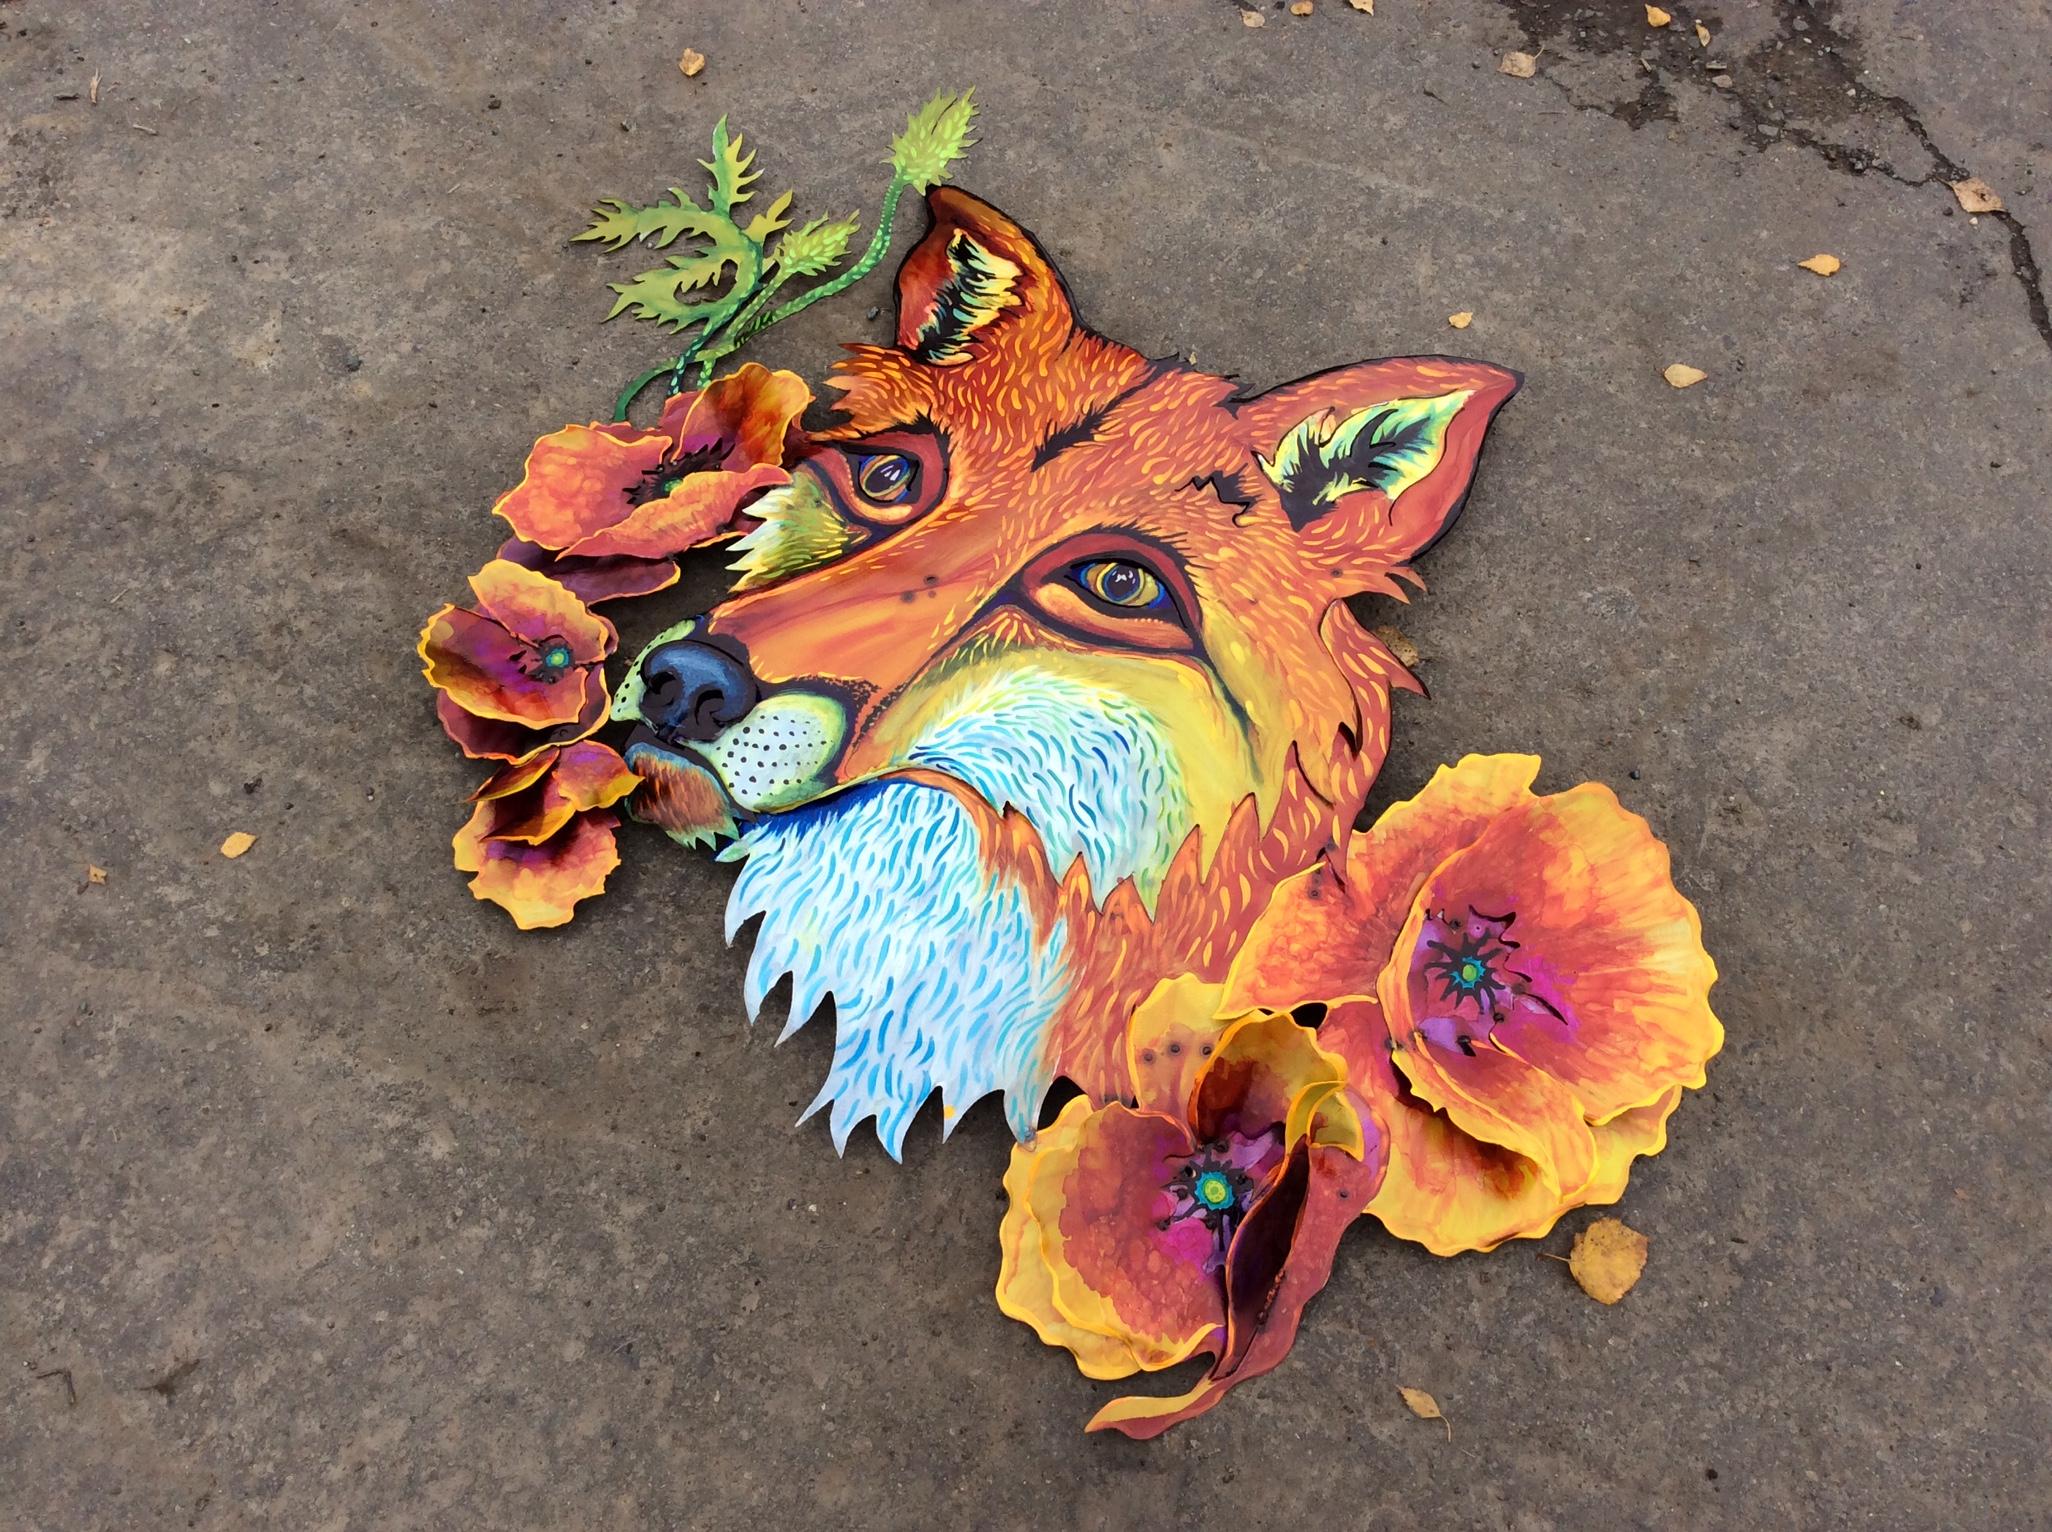 Oh poppy fox